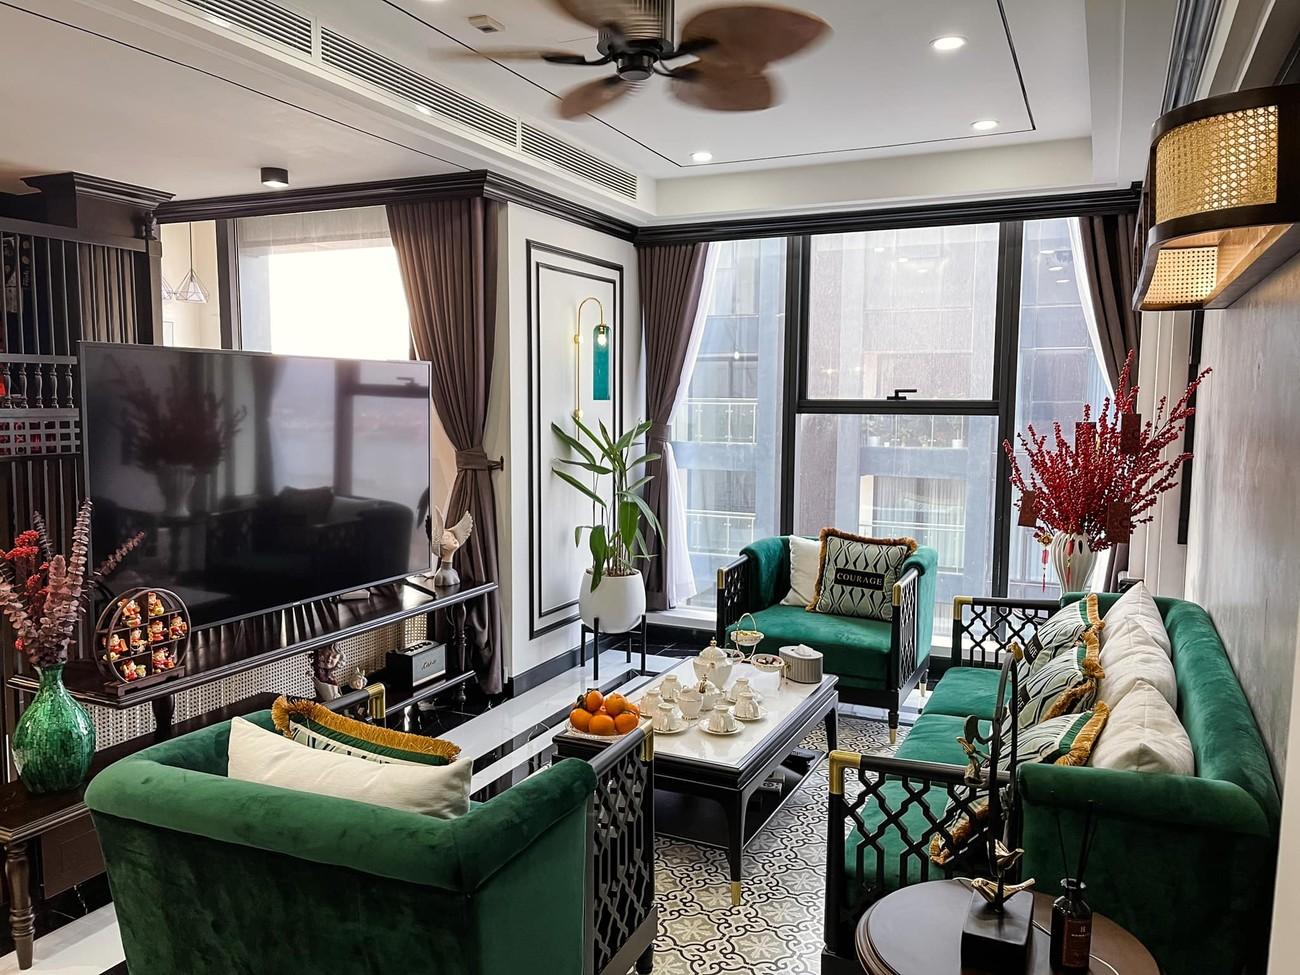 Cận cảnh căn hộ cao cấp, sang trọng như khách sạn của 'Quỳnh búp bê' Phương Oanh ảnh 2